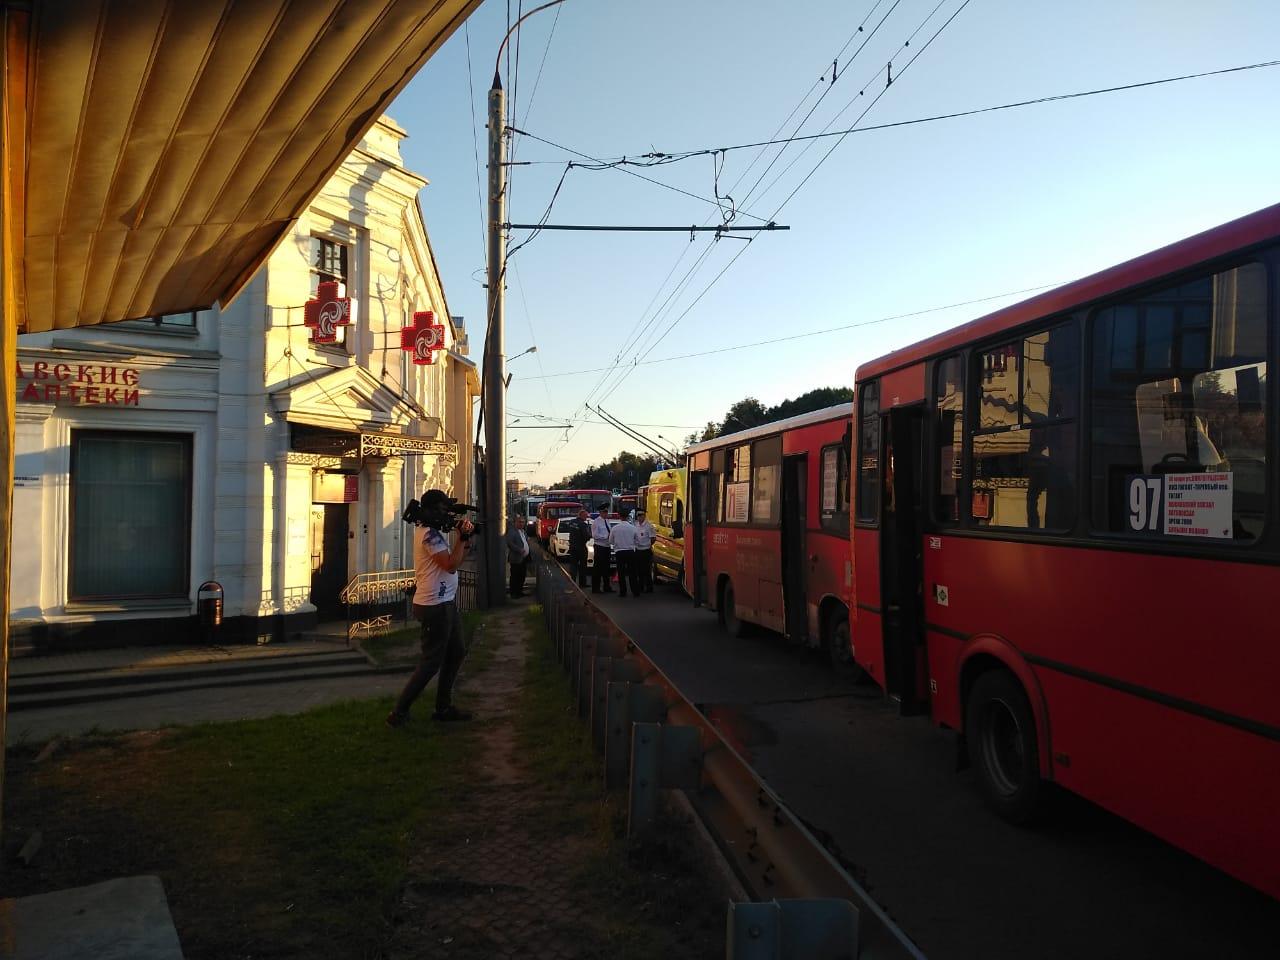 На Московском проспекте в Ярославле столкнулись три маршрутки: семь человек пострадали